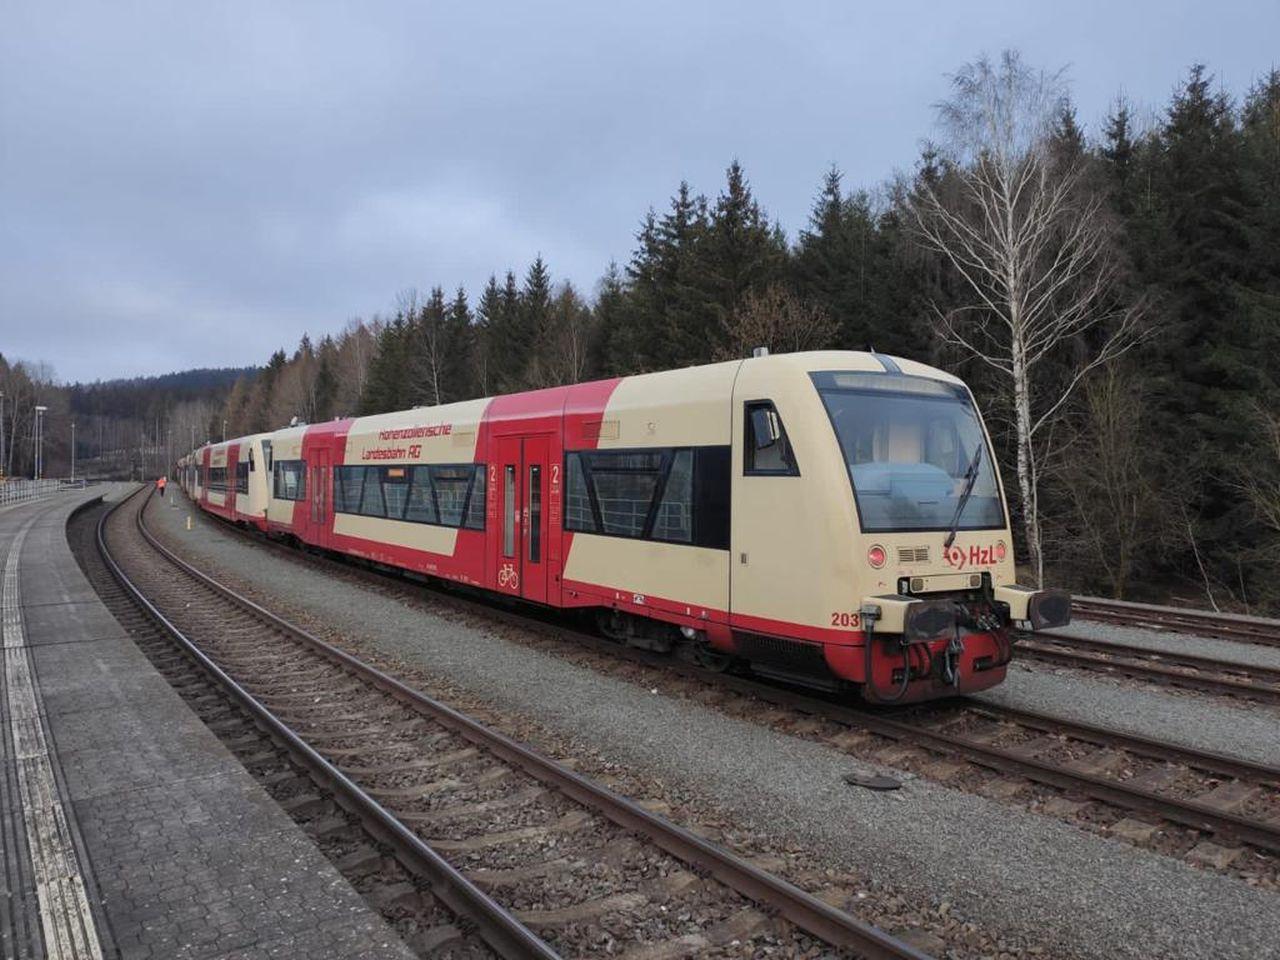 A Németországból beszerzett motorkocsik Najbrt arculatot kapnak, csak ez után állnak forgalomba (fotó: zdopravy.cz)